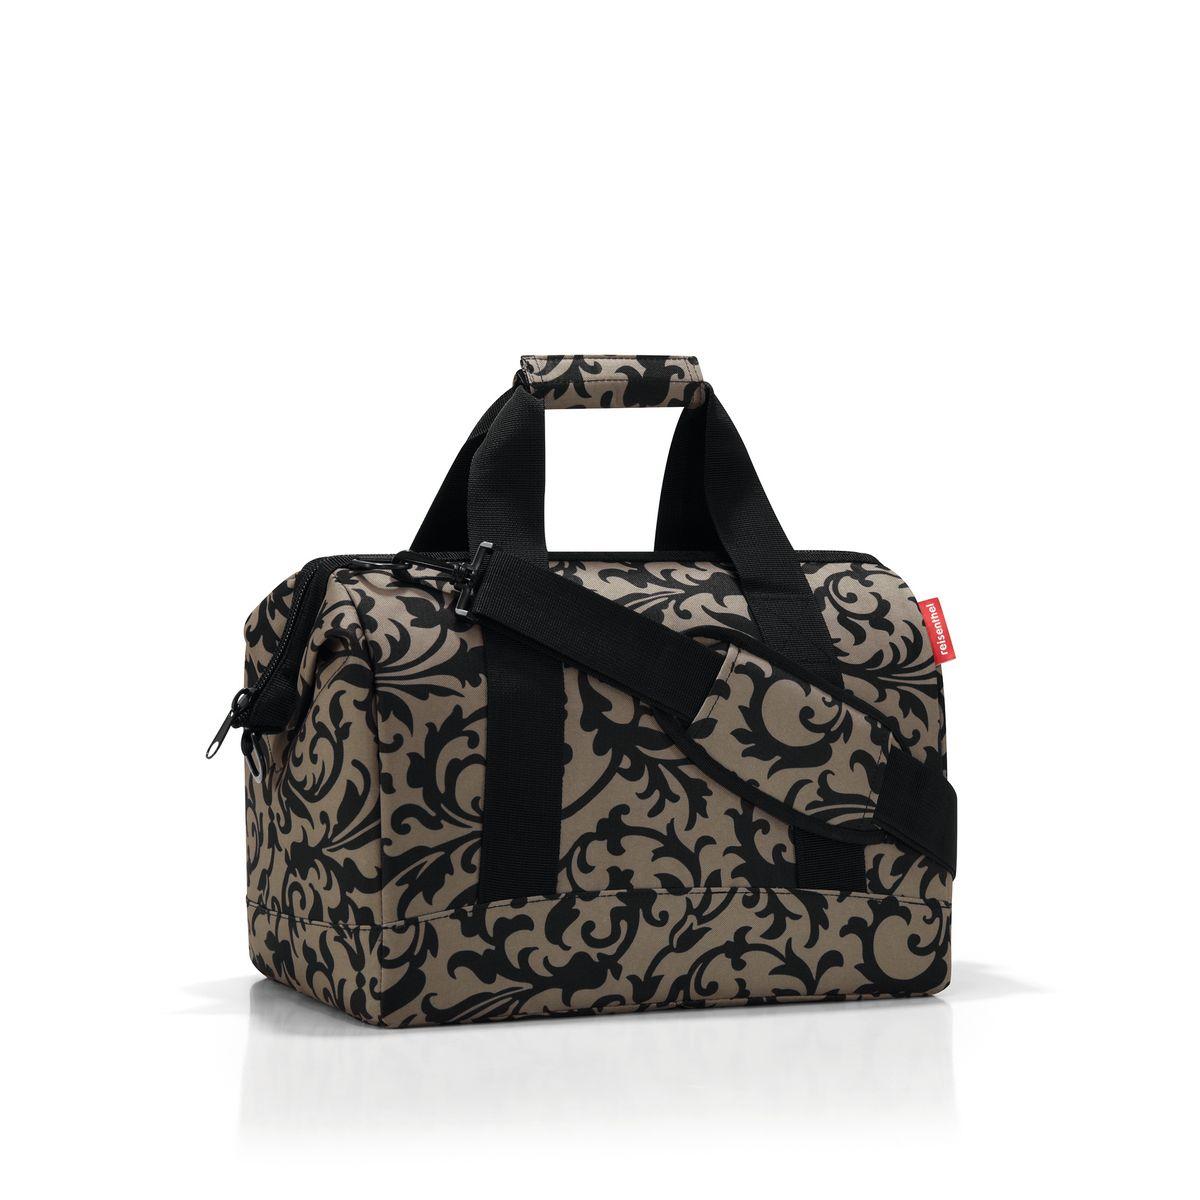 Сумка женская Reisenthel, цвет: бежевый, черный. MS7027 reisenthel сумка allrounder l dots e5x dkcr